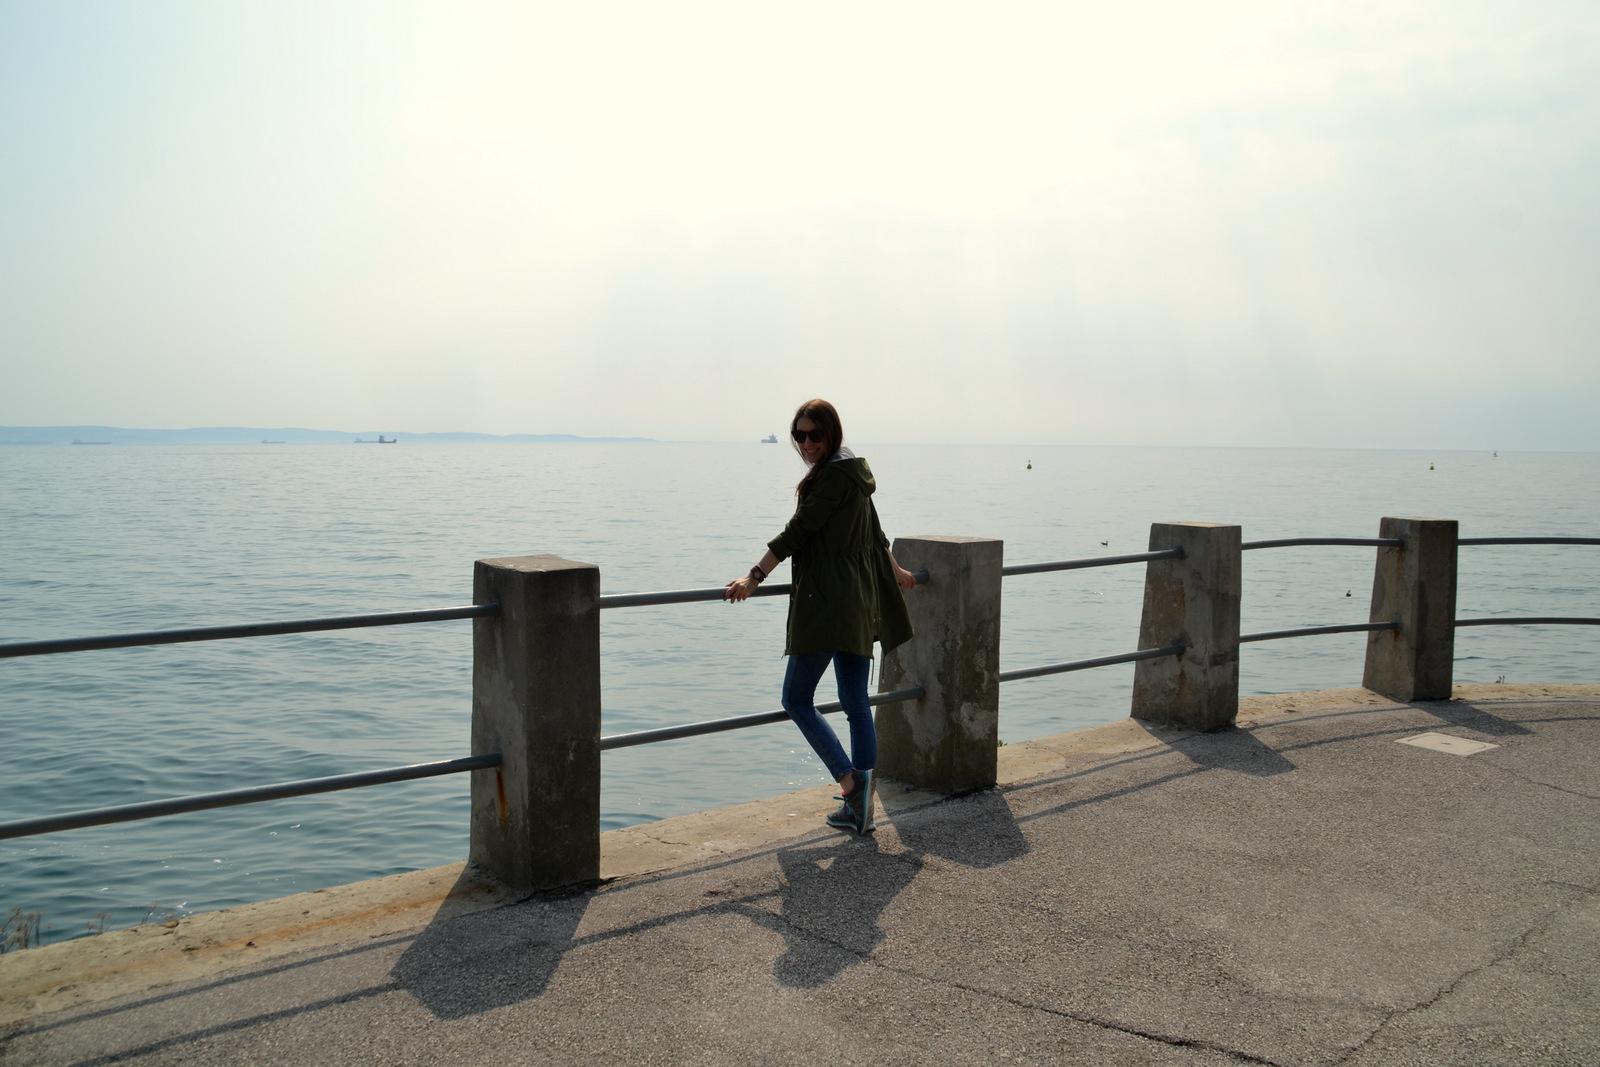 Easter 2017 - Italy - 1.day: // Castello Di Miramare,Trieste